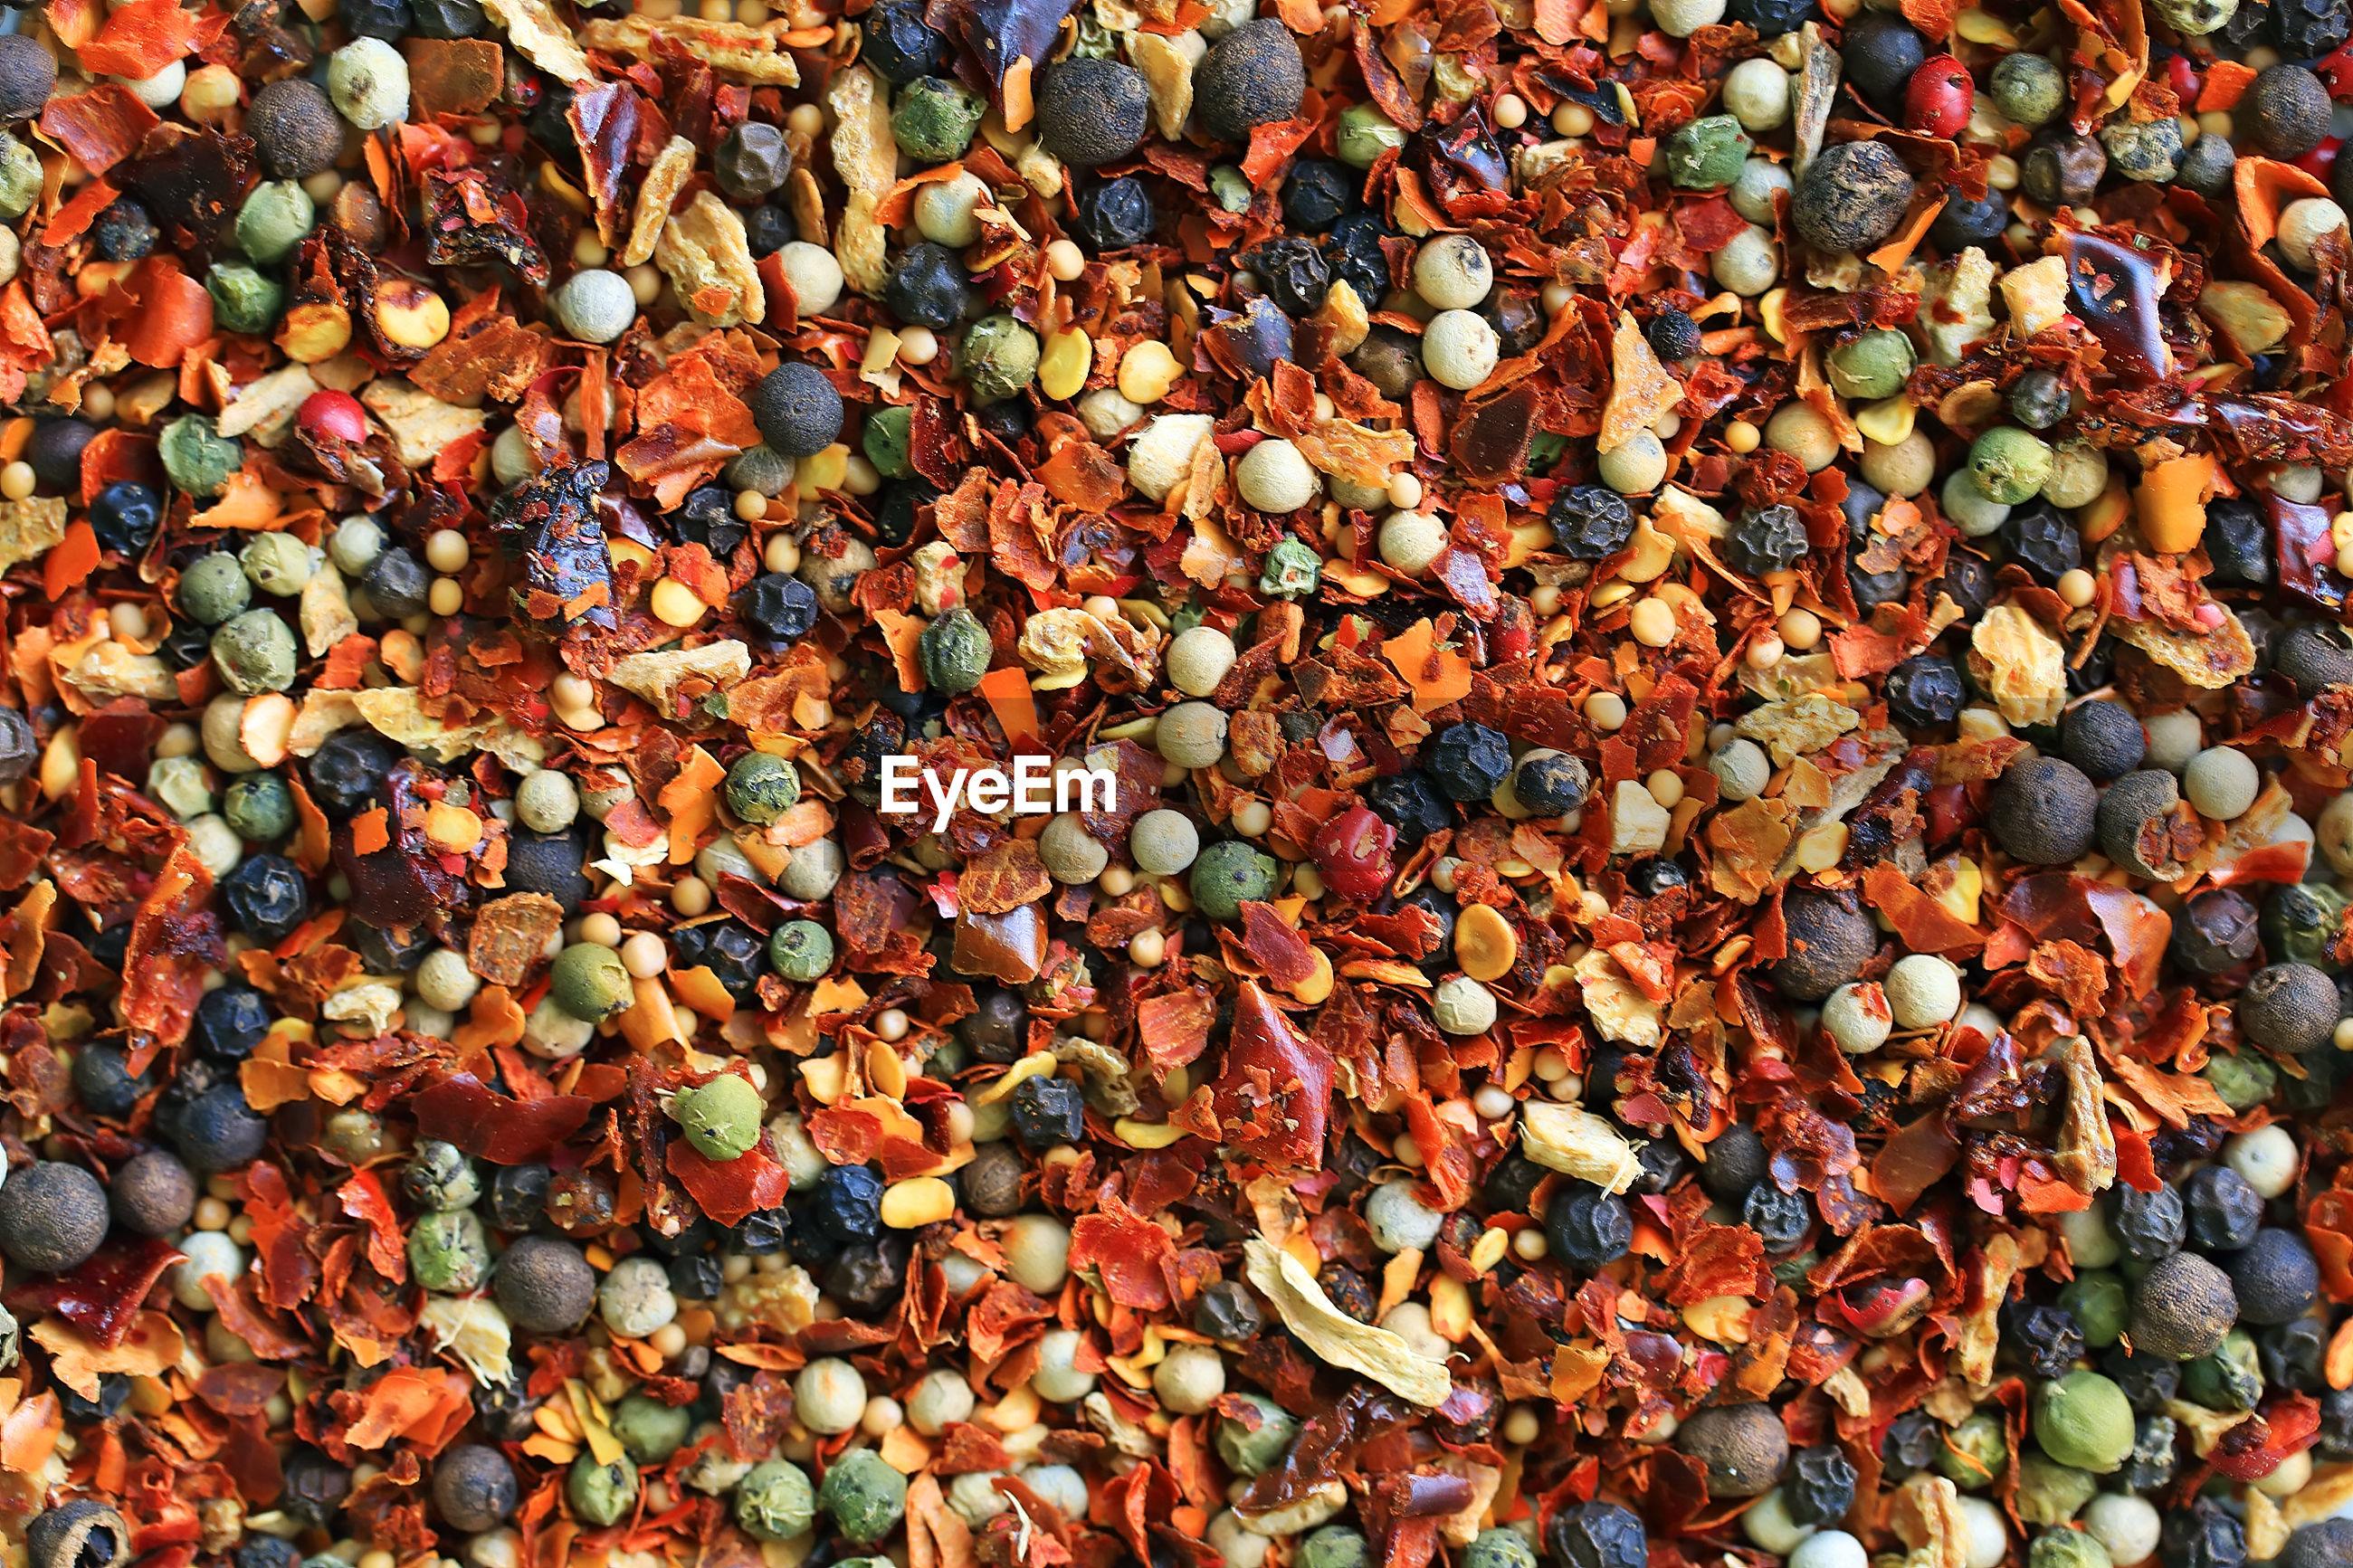 Full frame shot of various spices